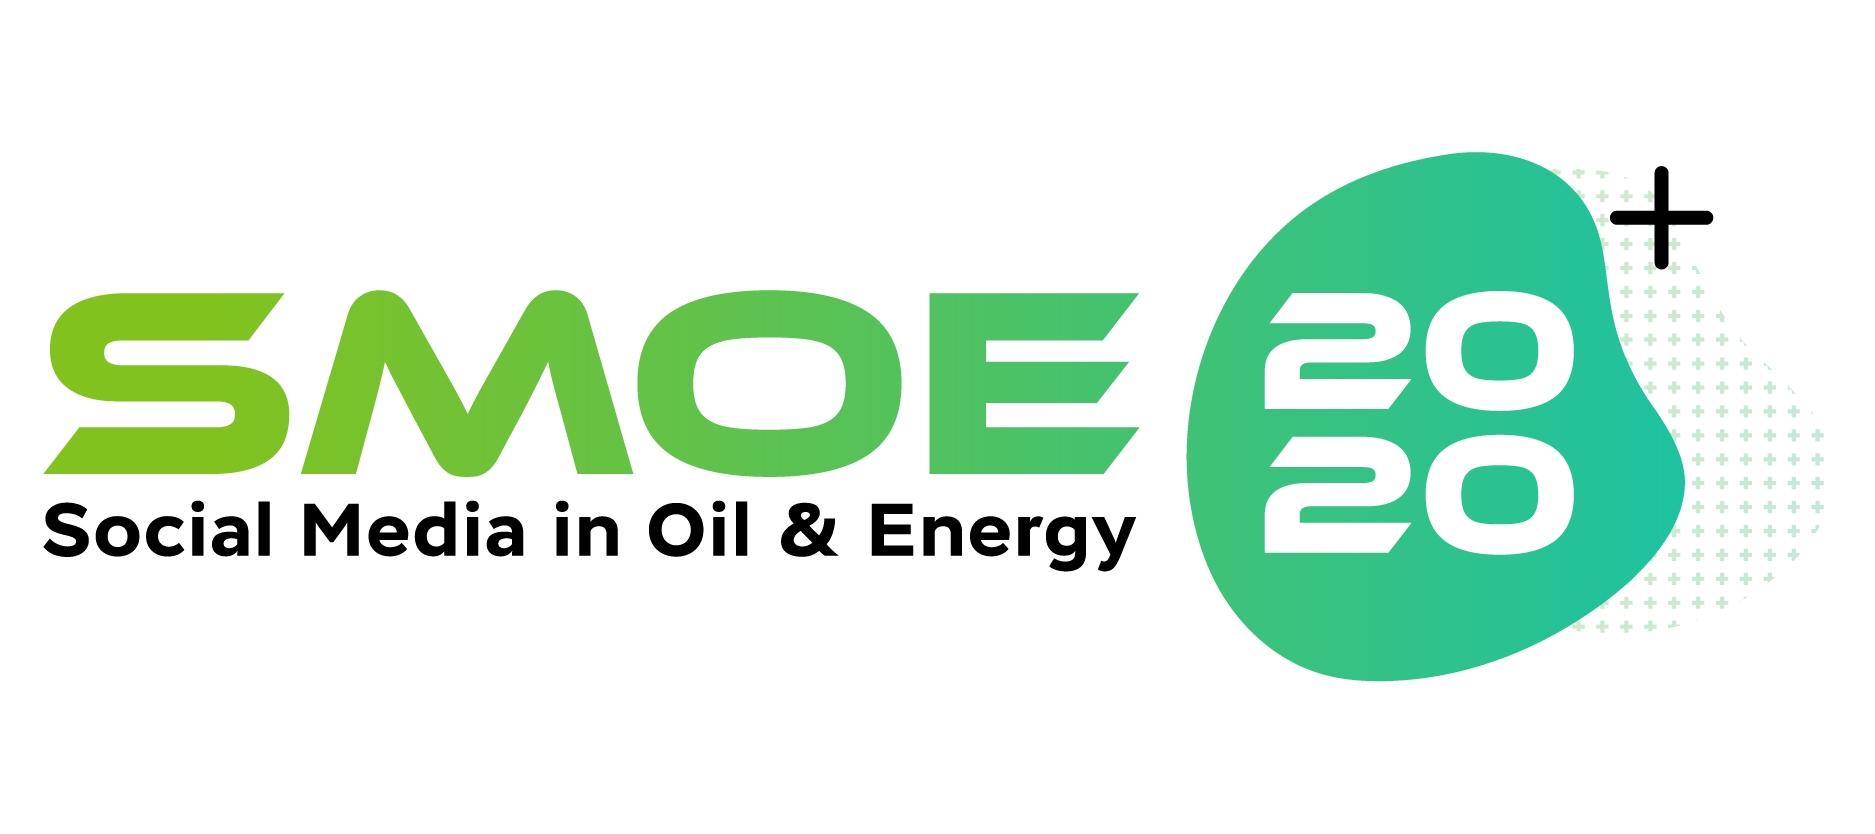 Social Media In Oil & Energy